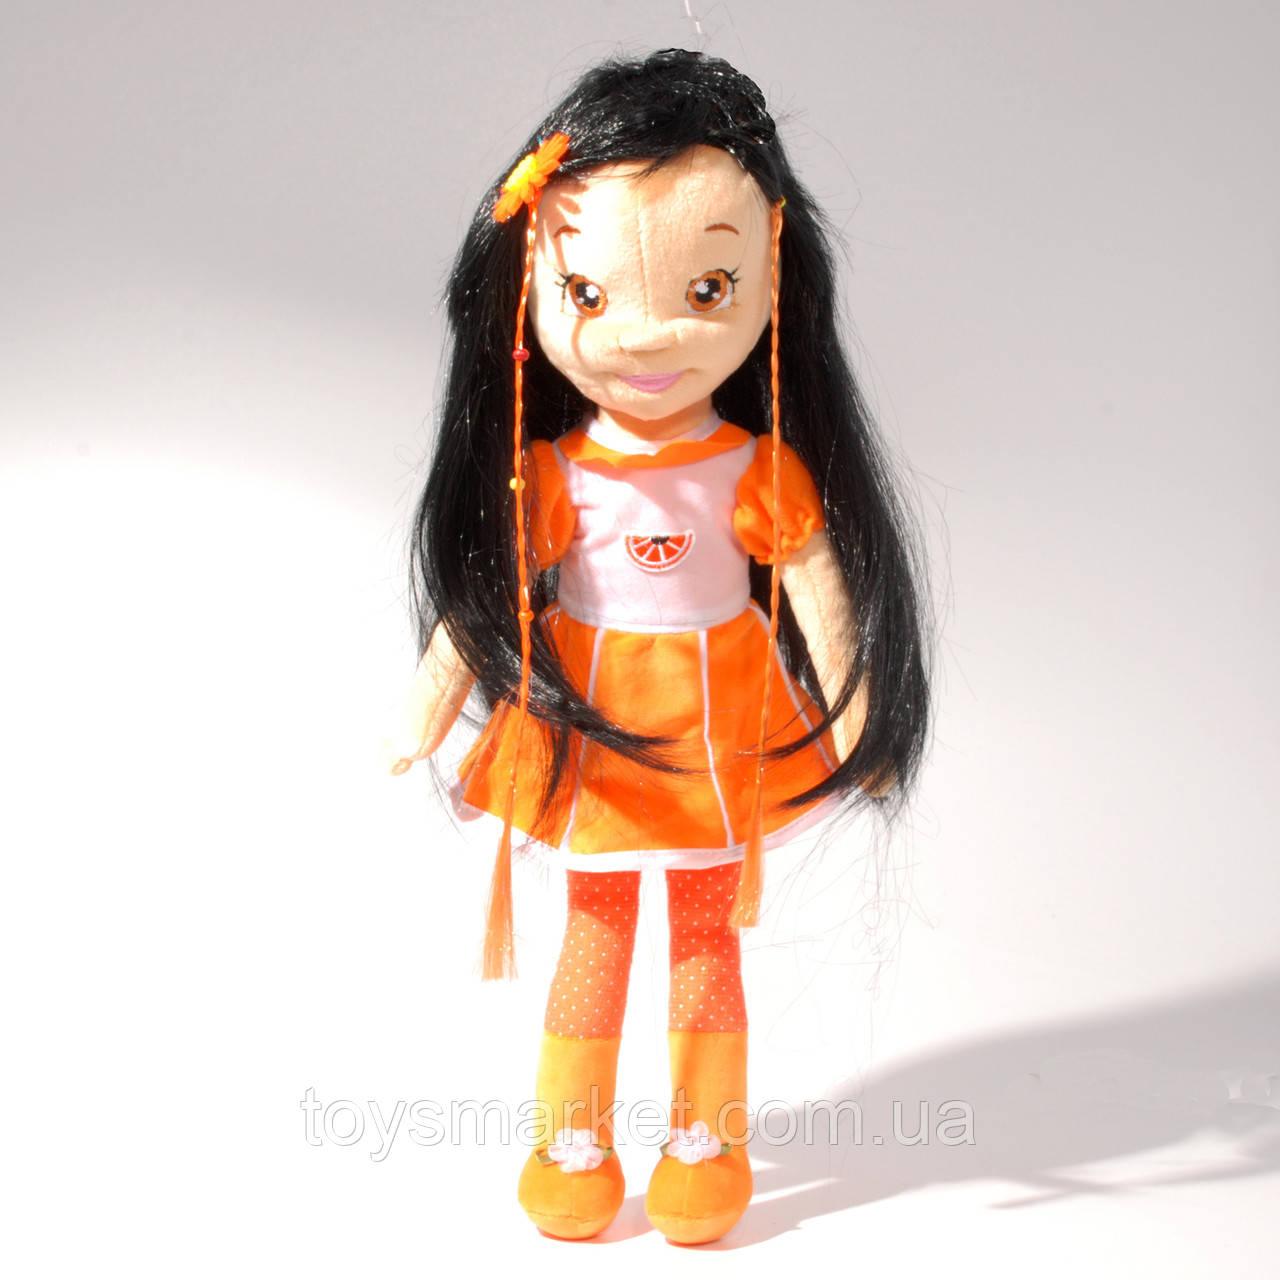 Детская игрушка кукла Барбара